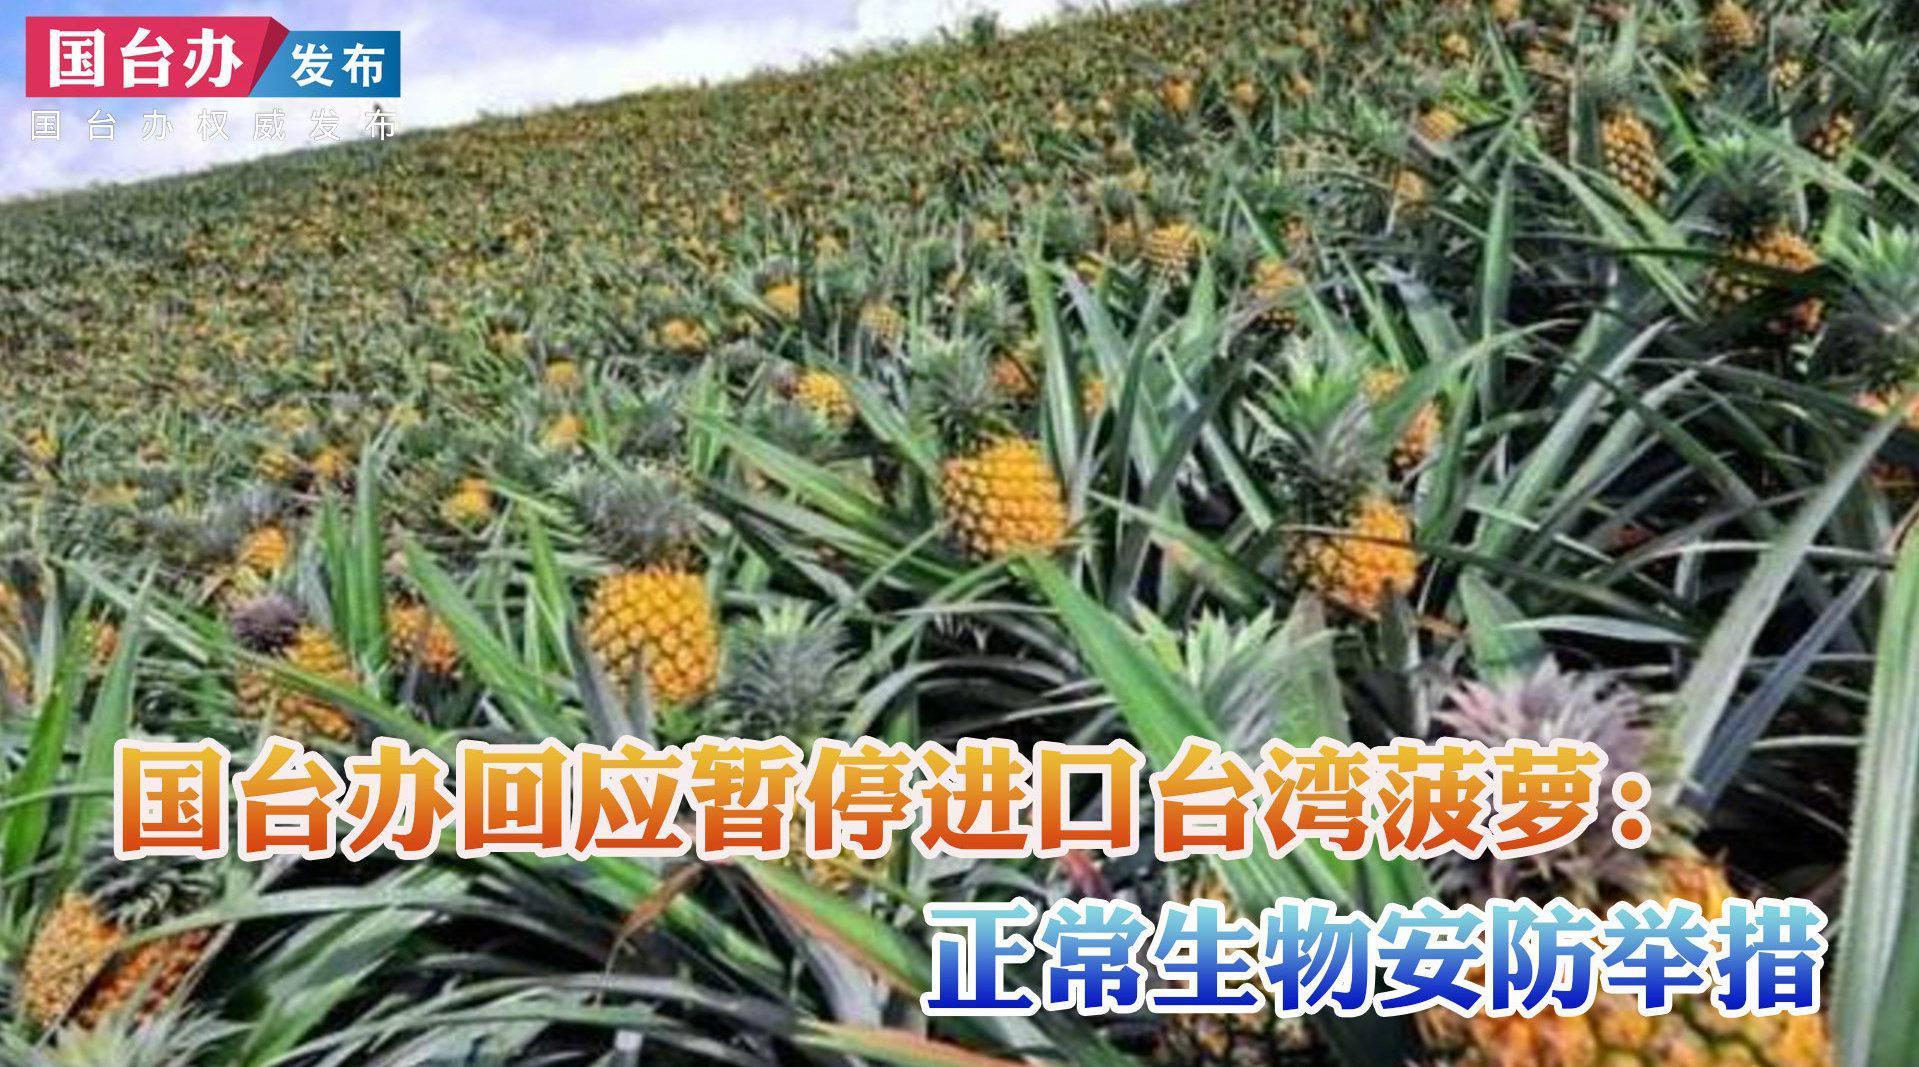 国台办回应暂停进口台湾菠萝:正常生物安防举措